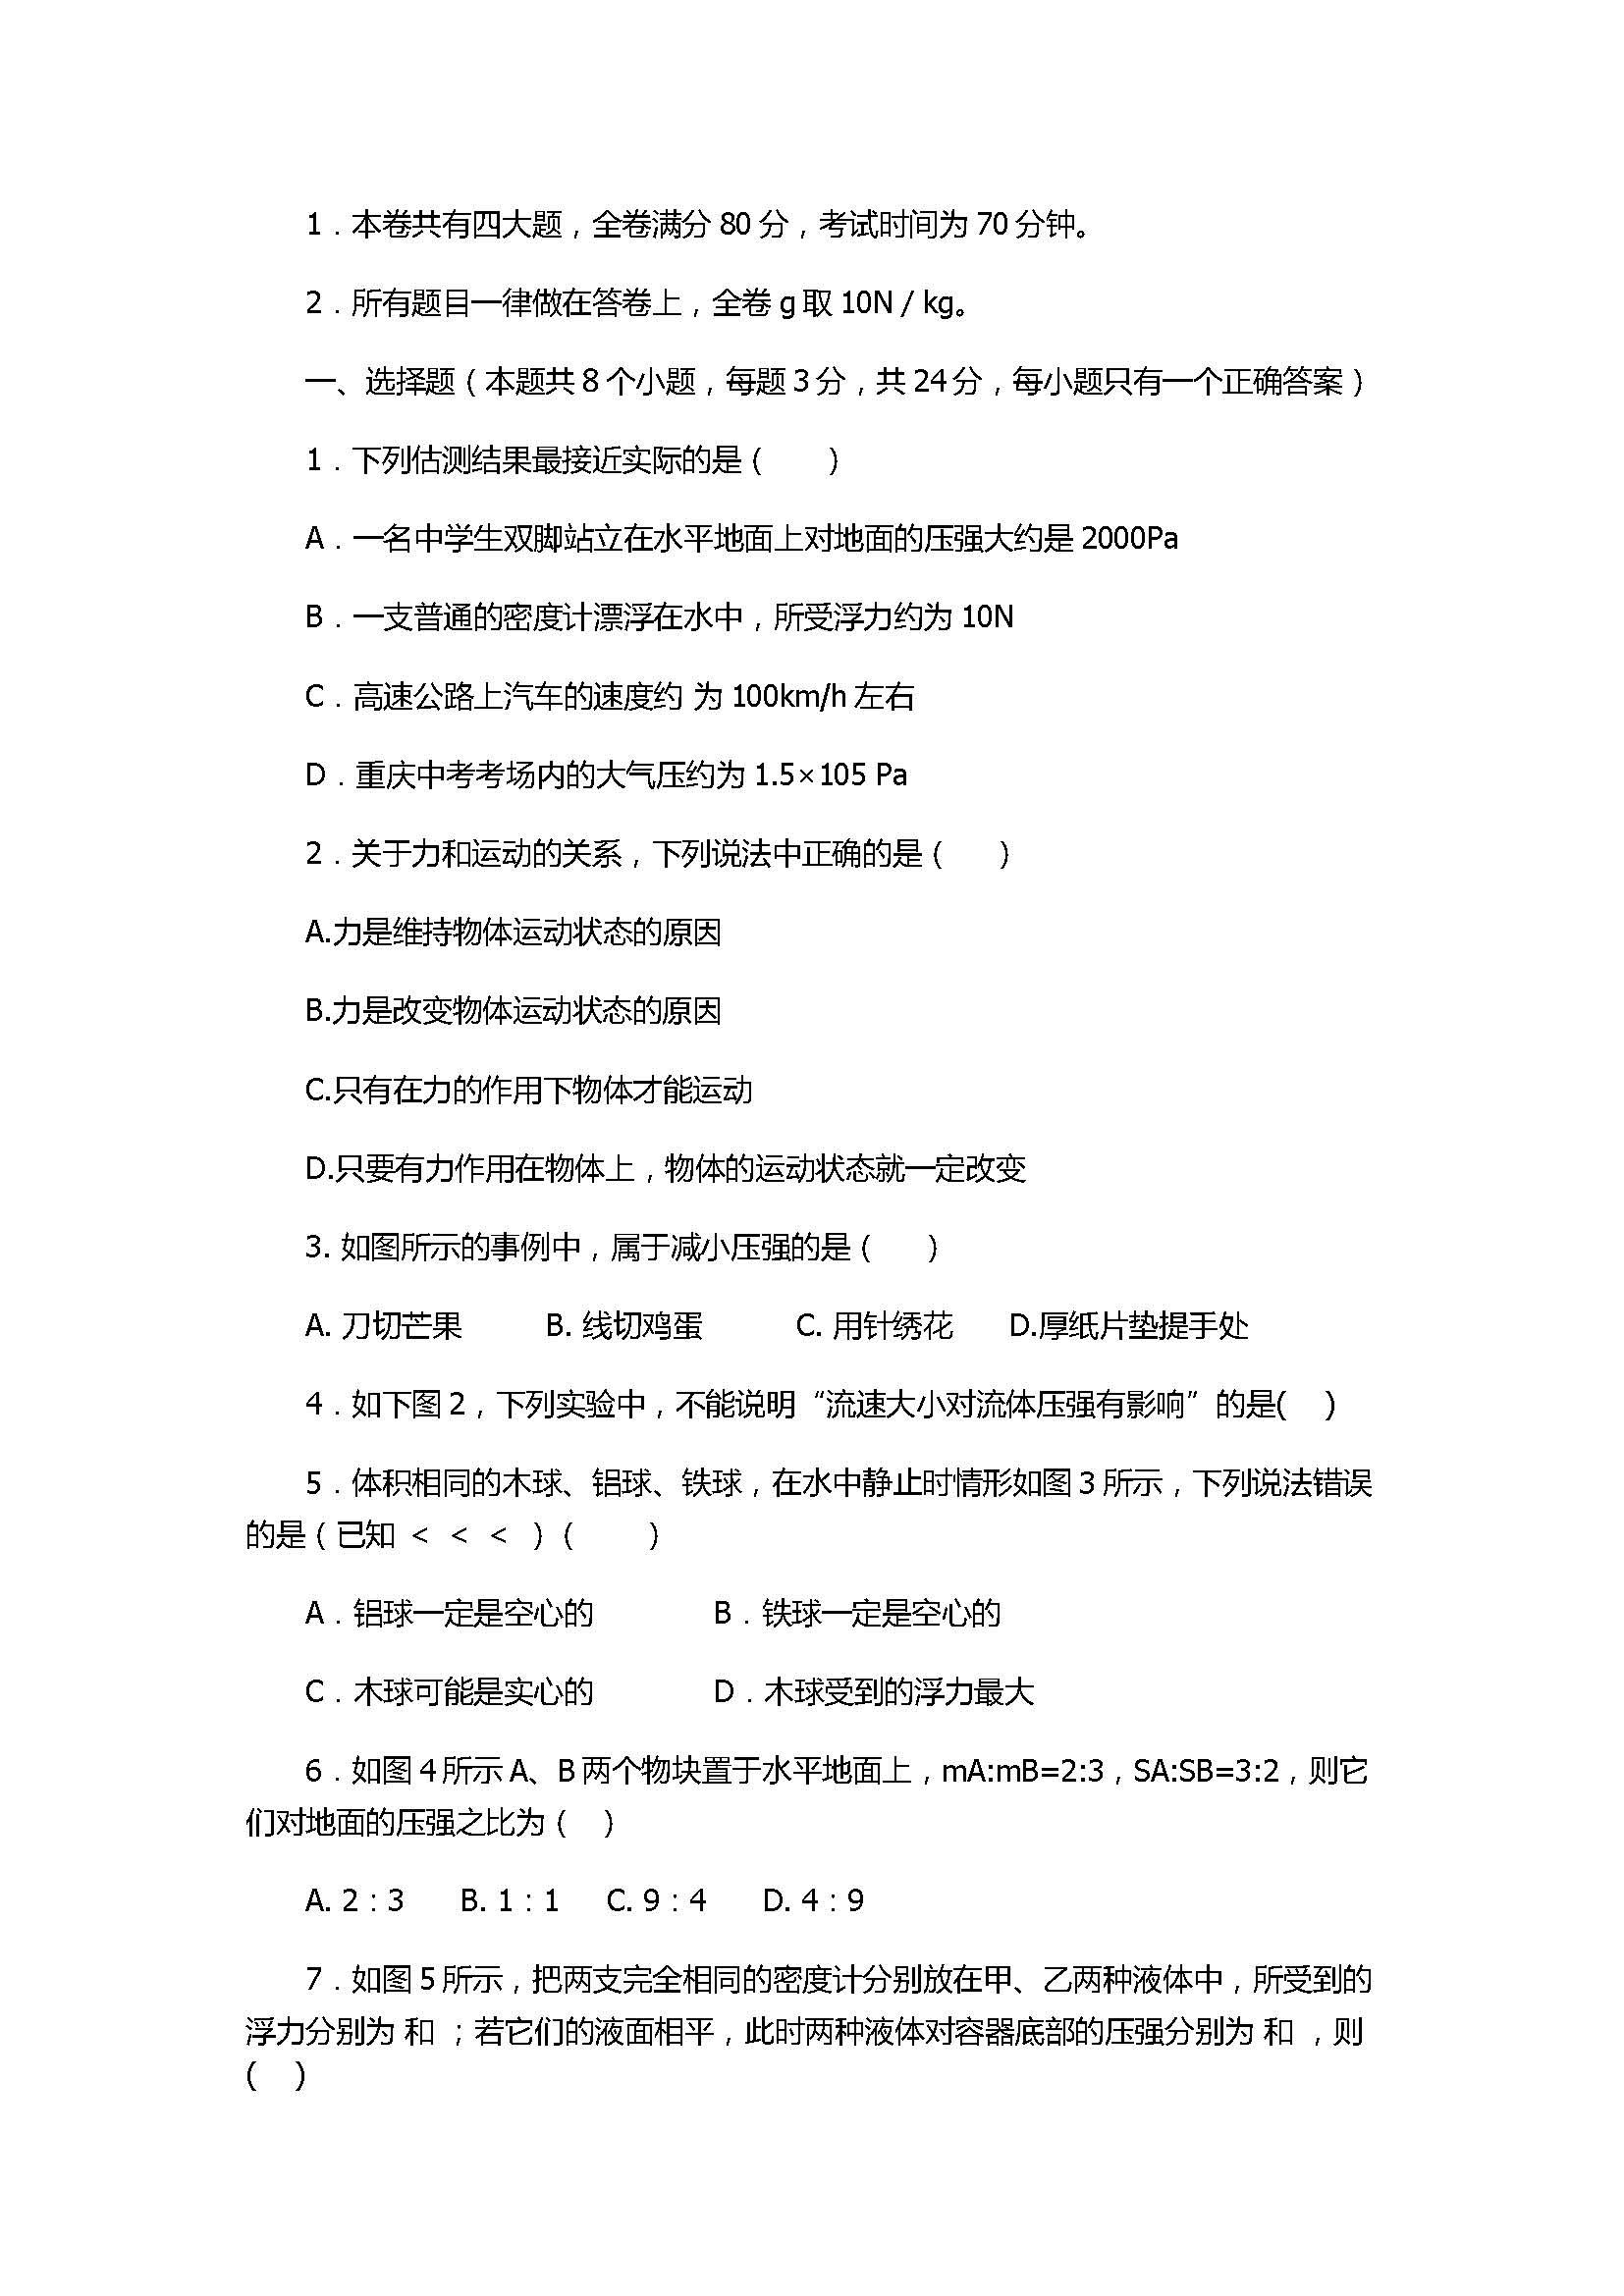 2017八年级物理下册期中试卷含答案(重庆市沙坪坝区)